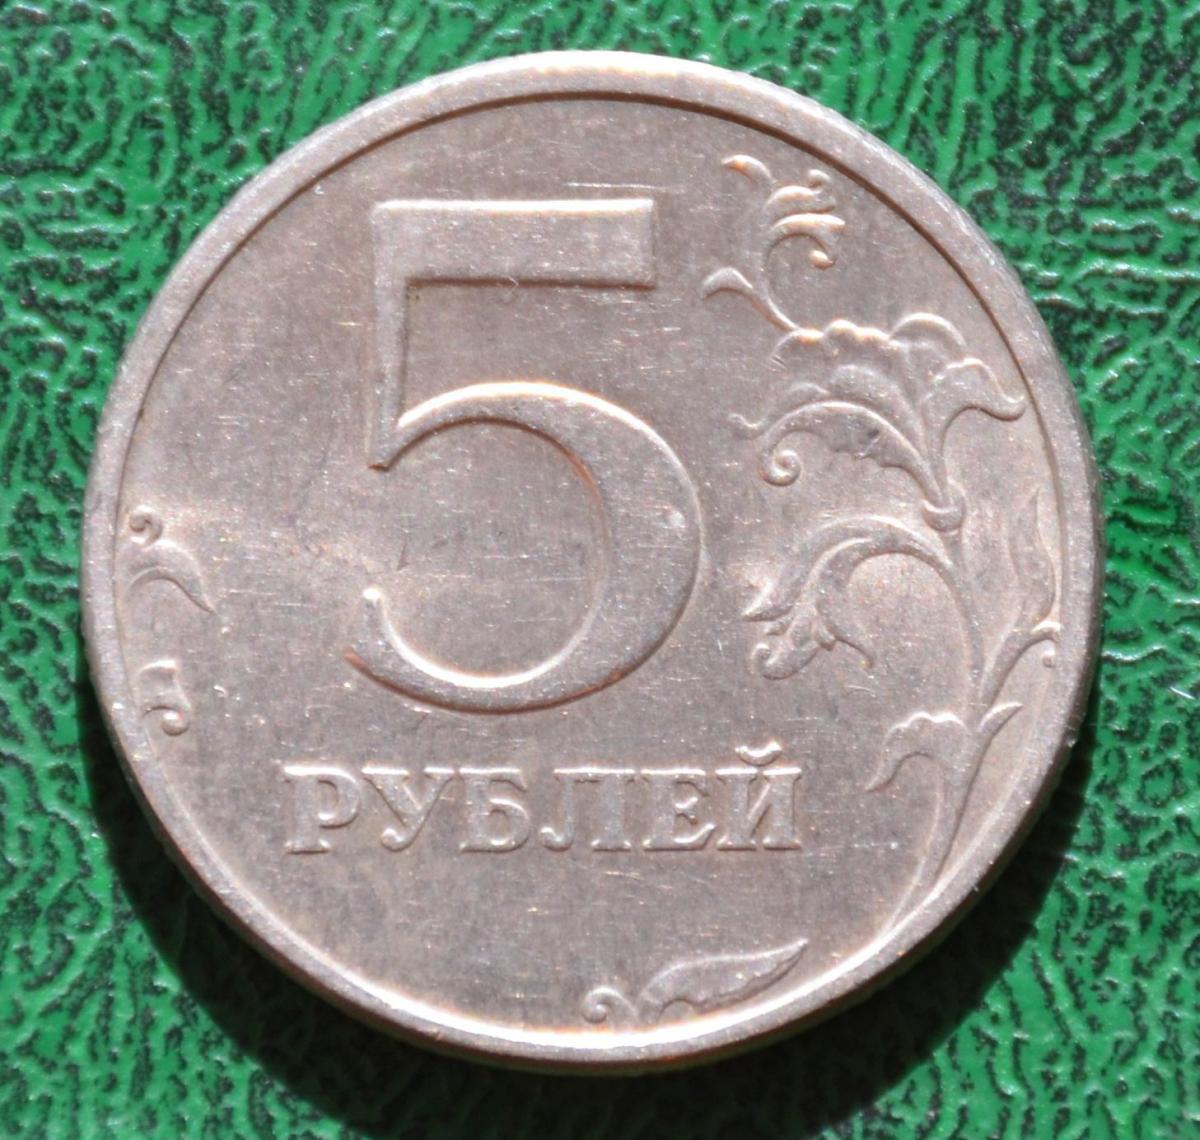 5 рублей 1998 г. СПМД